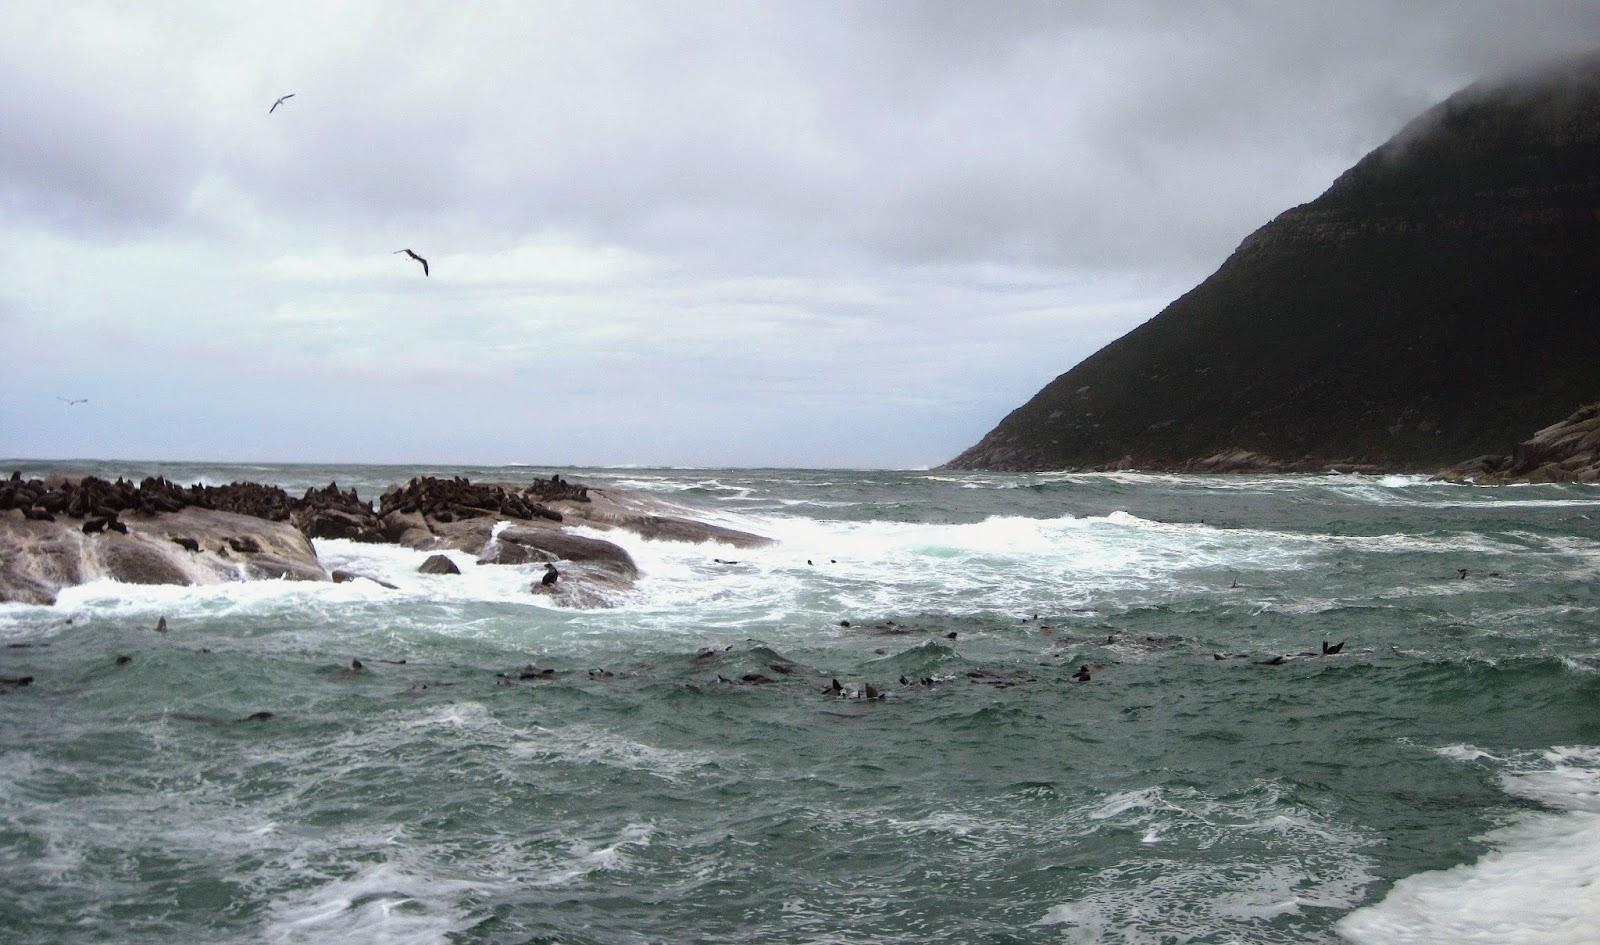 Duiker Island South Africa